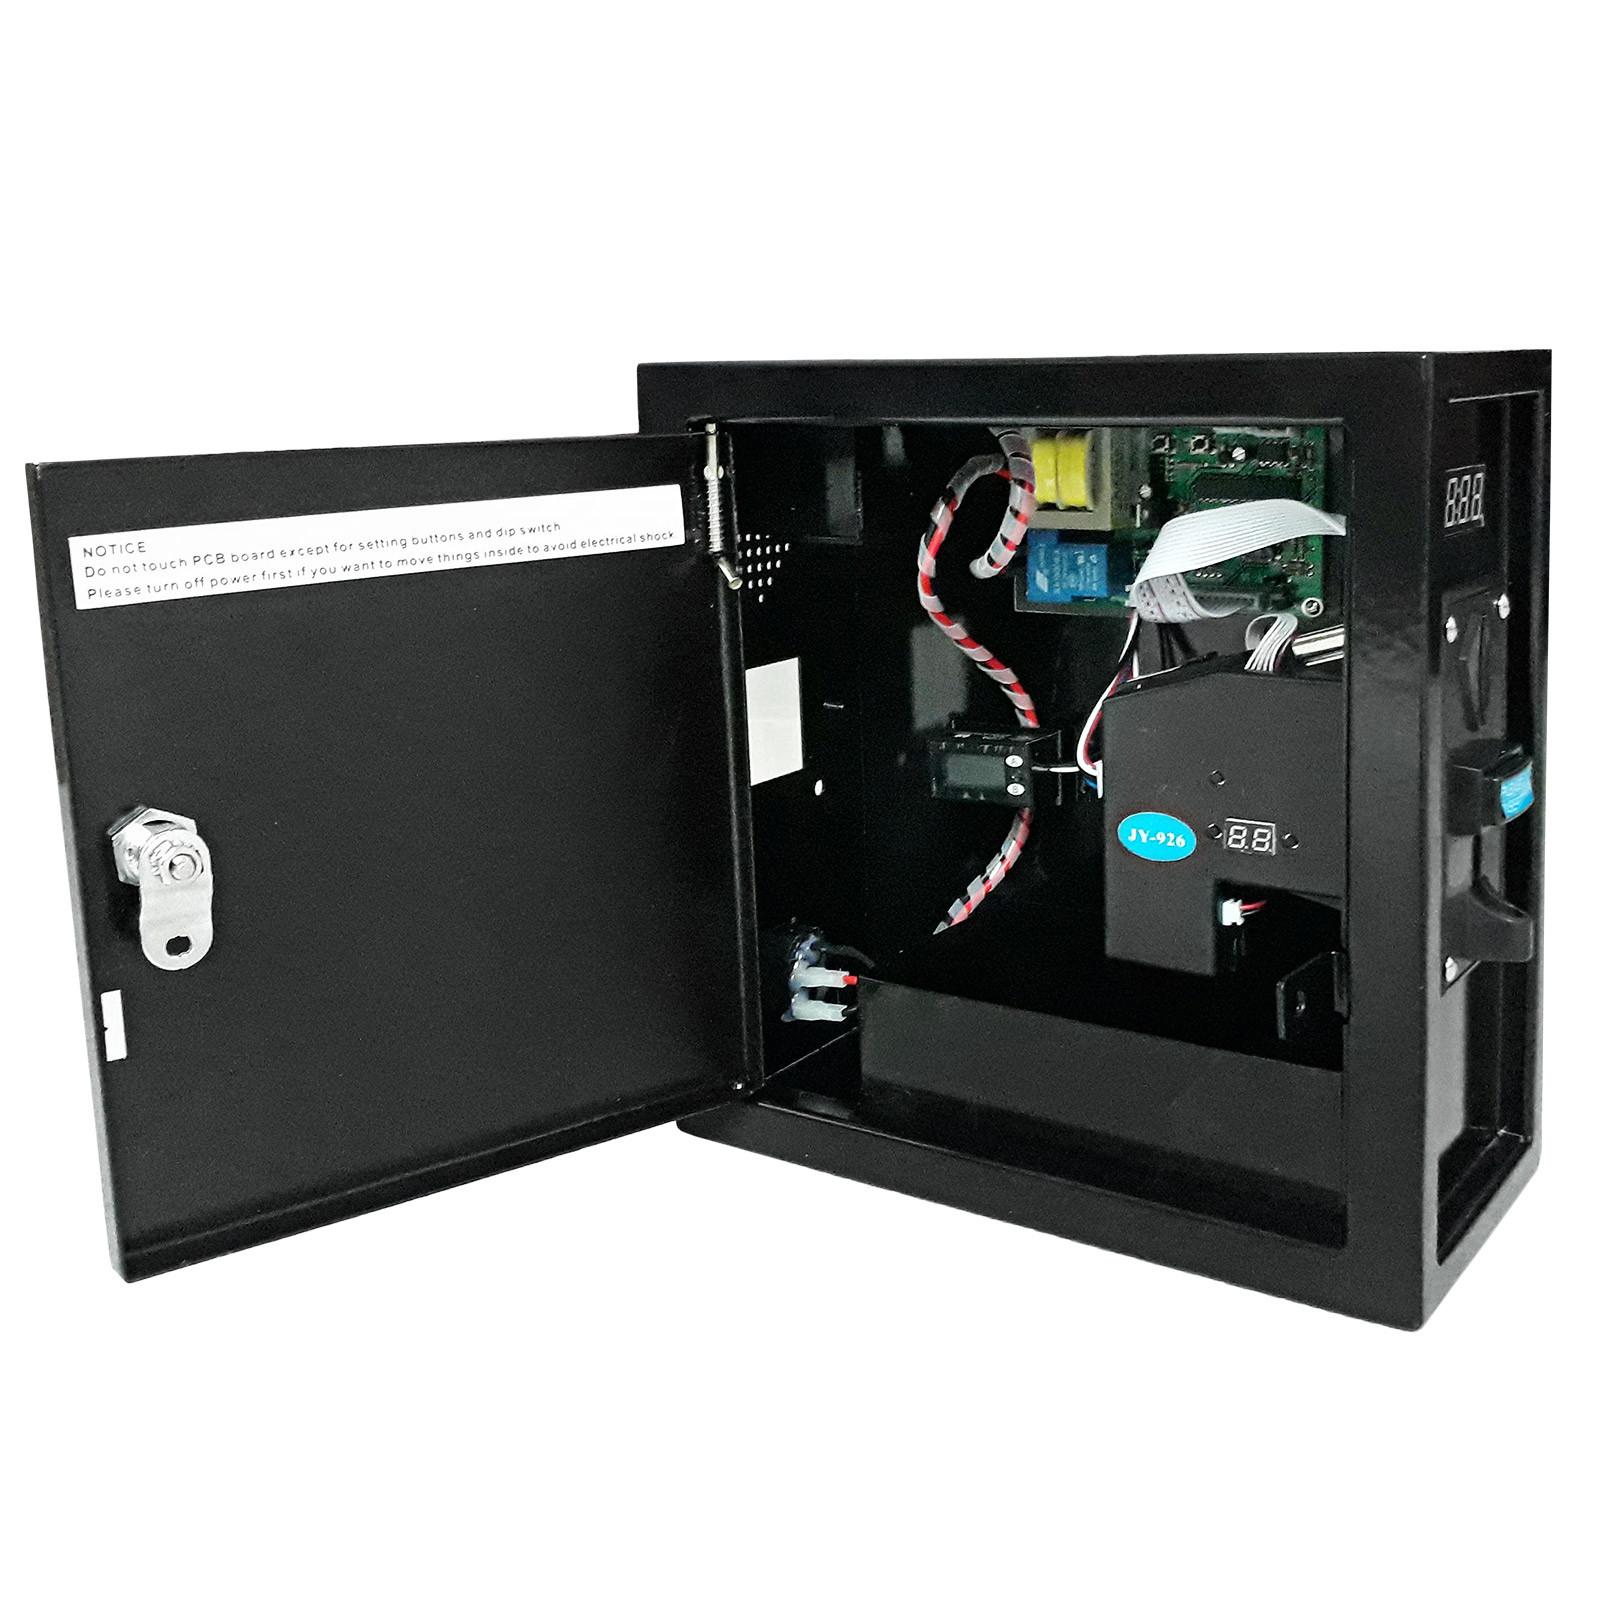 Monnaie-Distributeur-Munzkassierer-Zeiteinstellung-Munzprufer-Munzautomat miniature 6